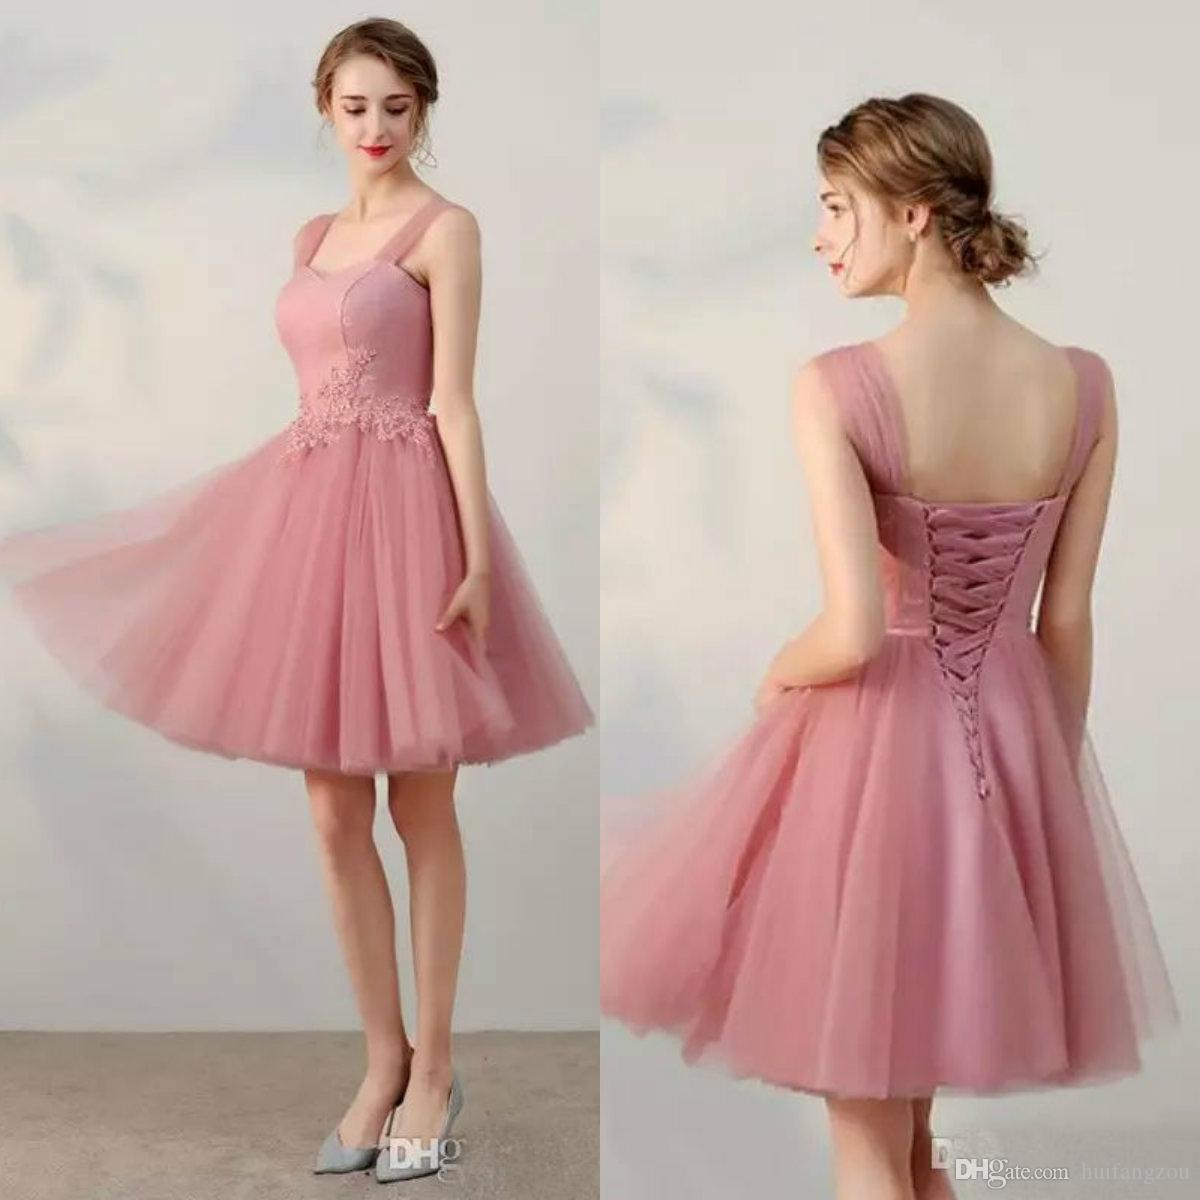 Abschlussballkleider Schöne Liebsten Ballkleid Homecoming Kleider Royal Blue Short Prom Kleider Neue Frauen Party Kleid Mit Rüschen